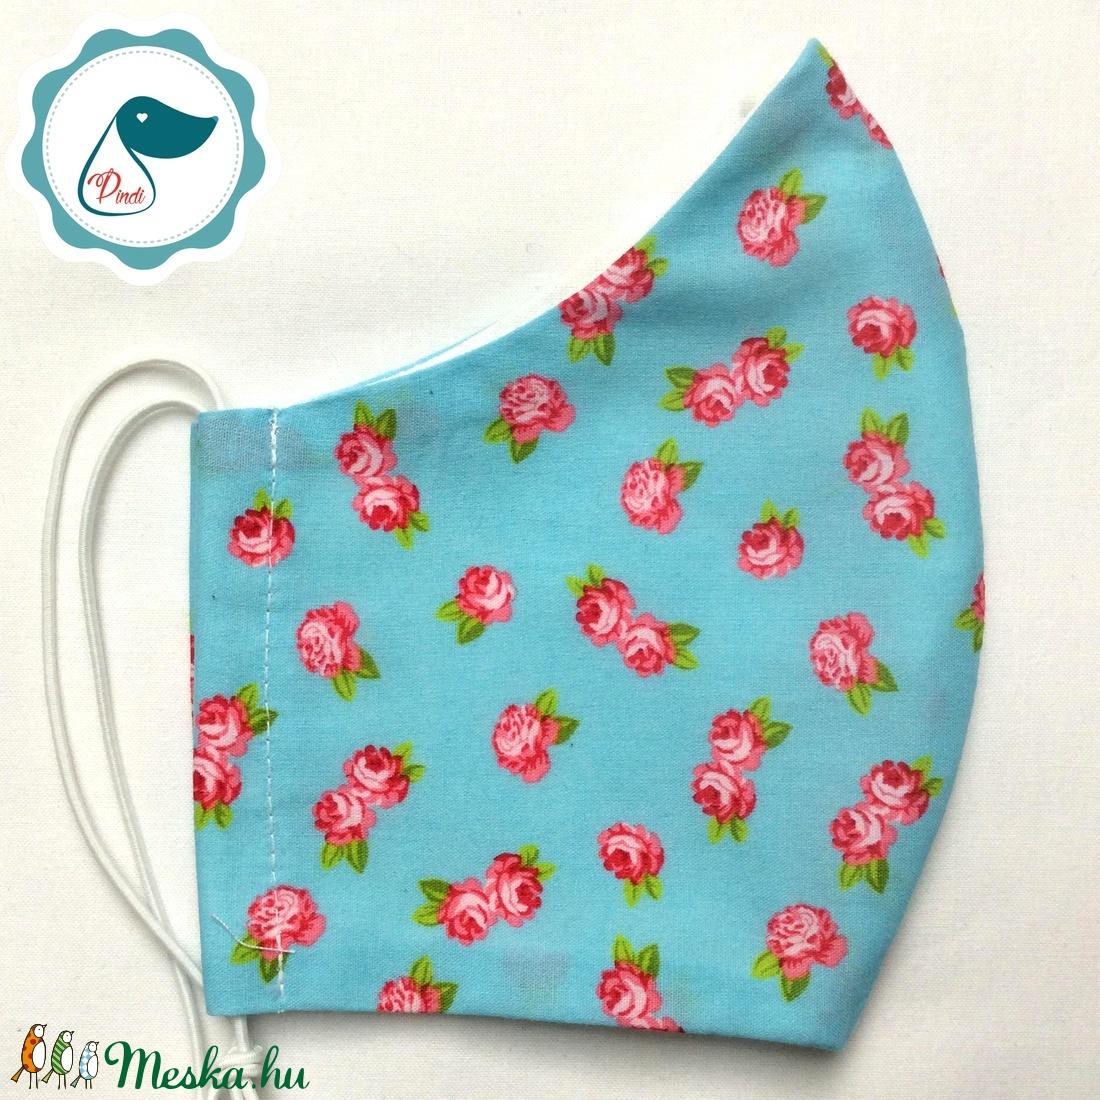 Egyedi szájmaszk - virágos felnőtt női és teenager szájmaszk - textil szájmaszk - egészségügyi szájmaszk (Pindiart) - Meska.hu